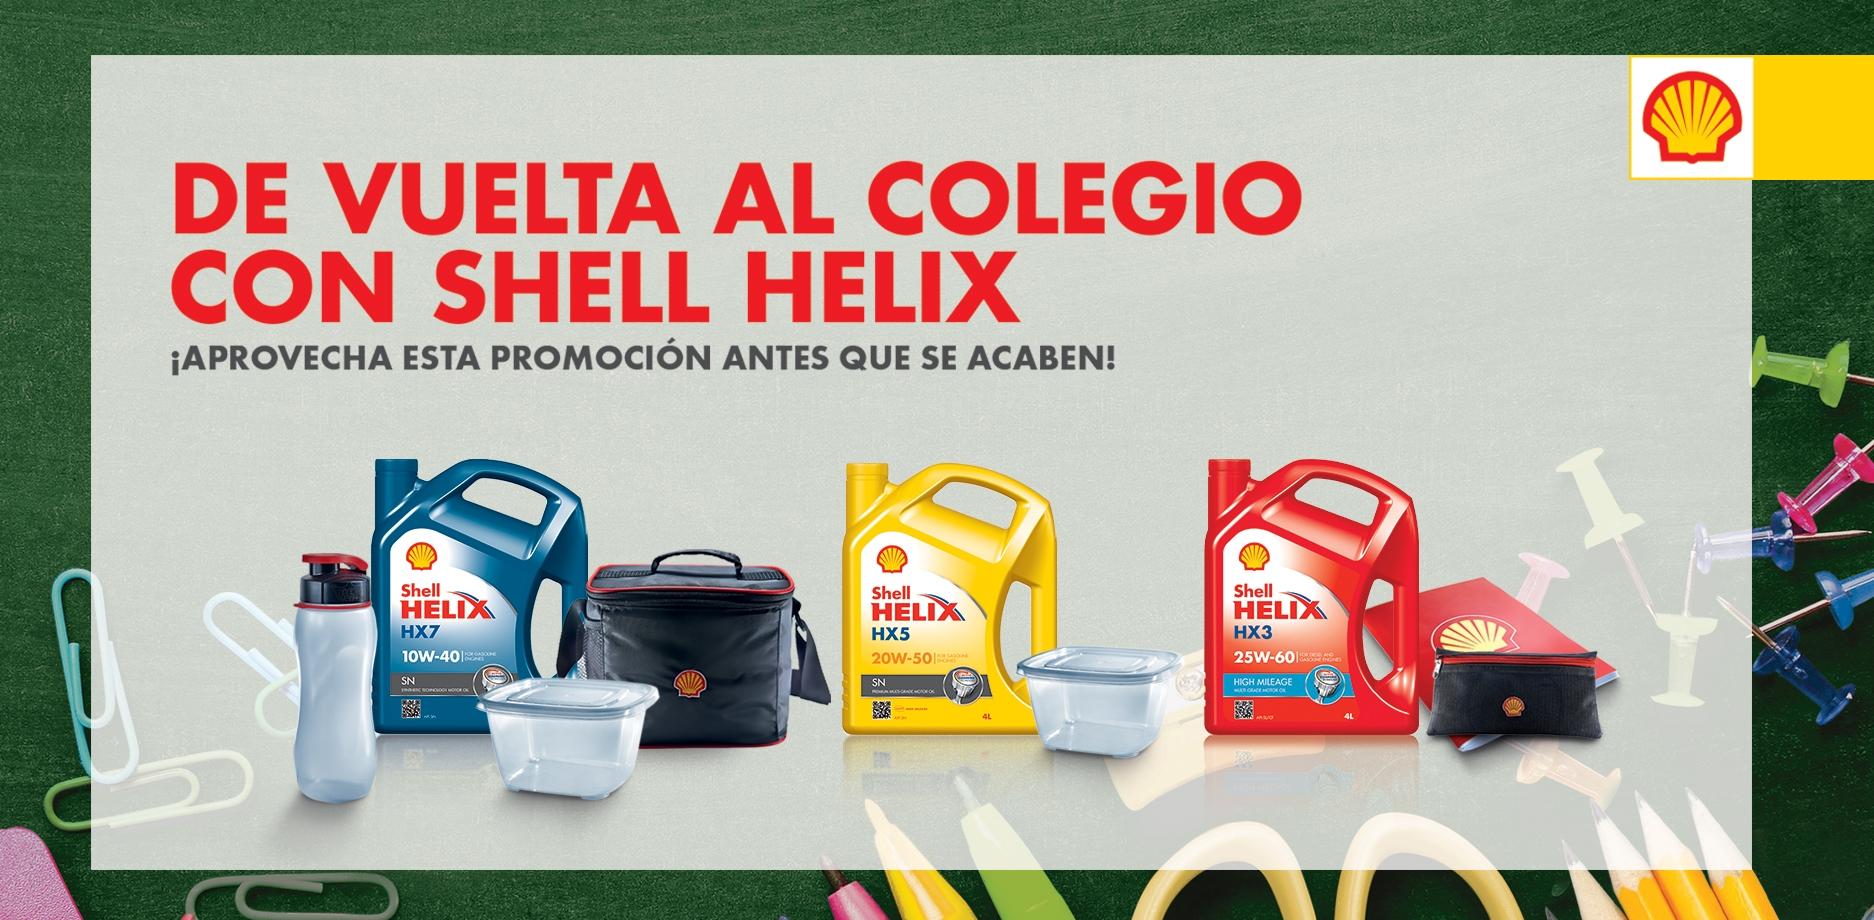 DE VUELTA AL COLEGIO CON SHELL HELIX